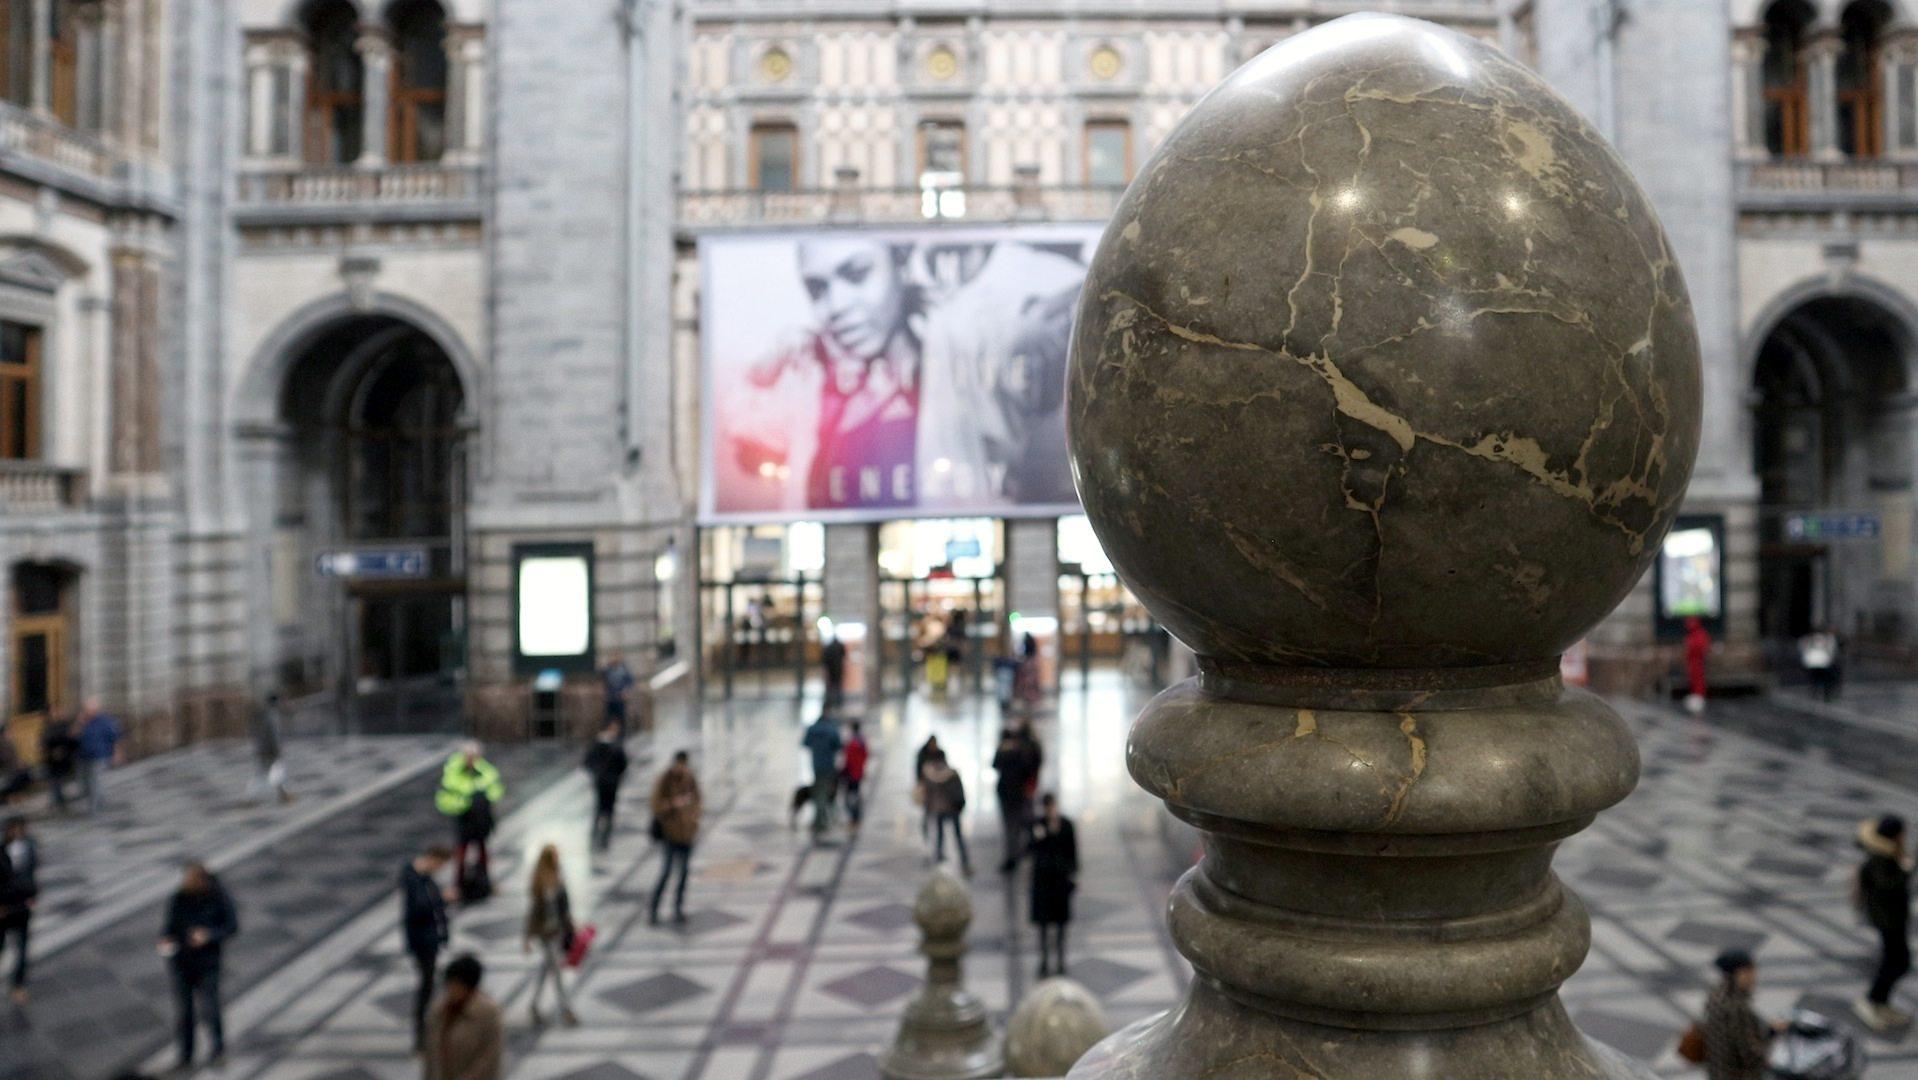 Schweiz.  Eine weitere Inspiration für Louis de la Censerie: der Bahnhof Luzern